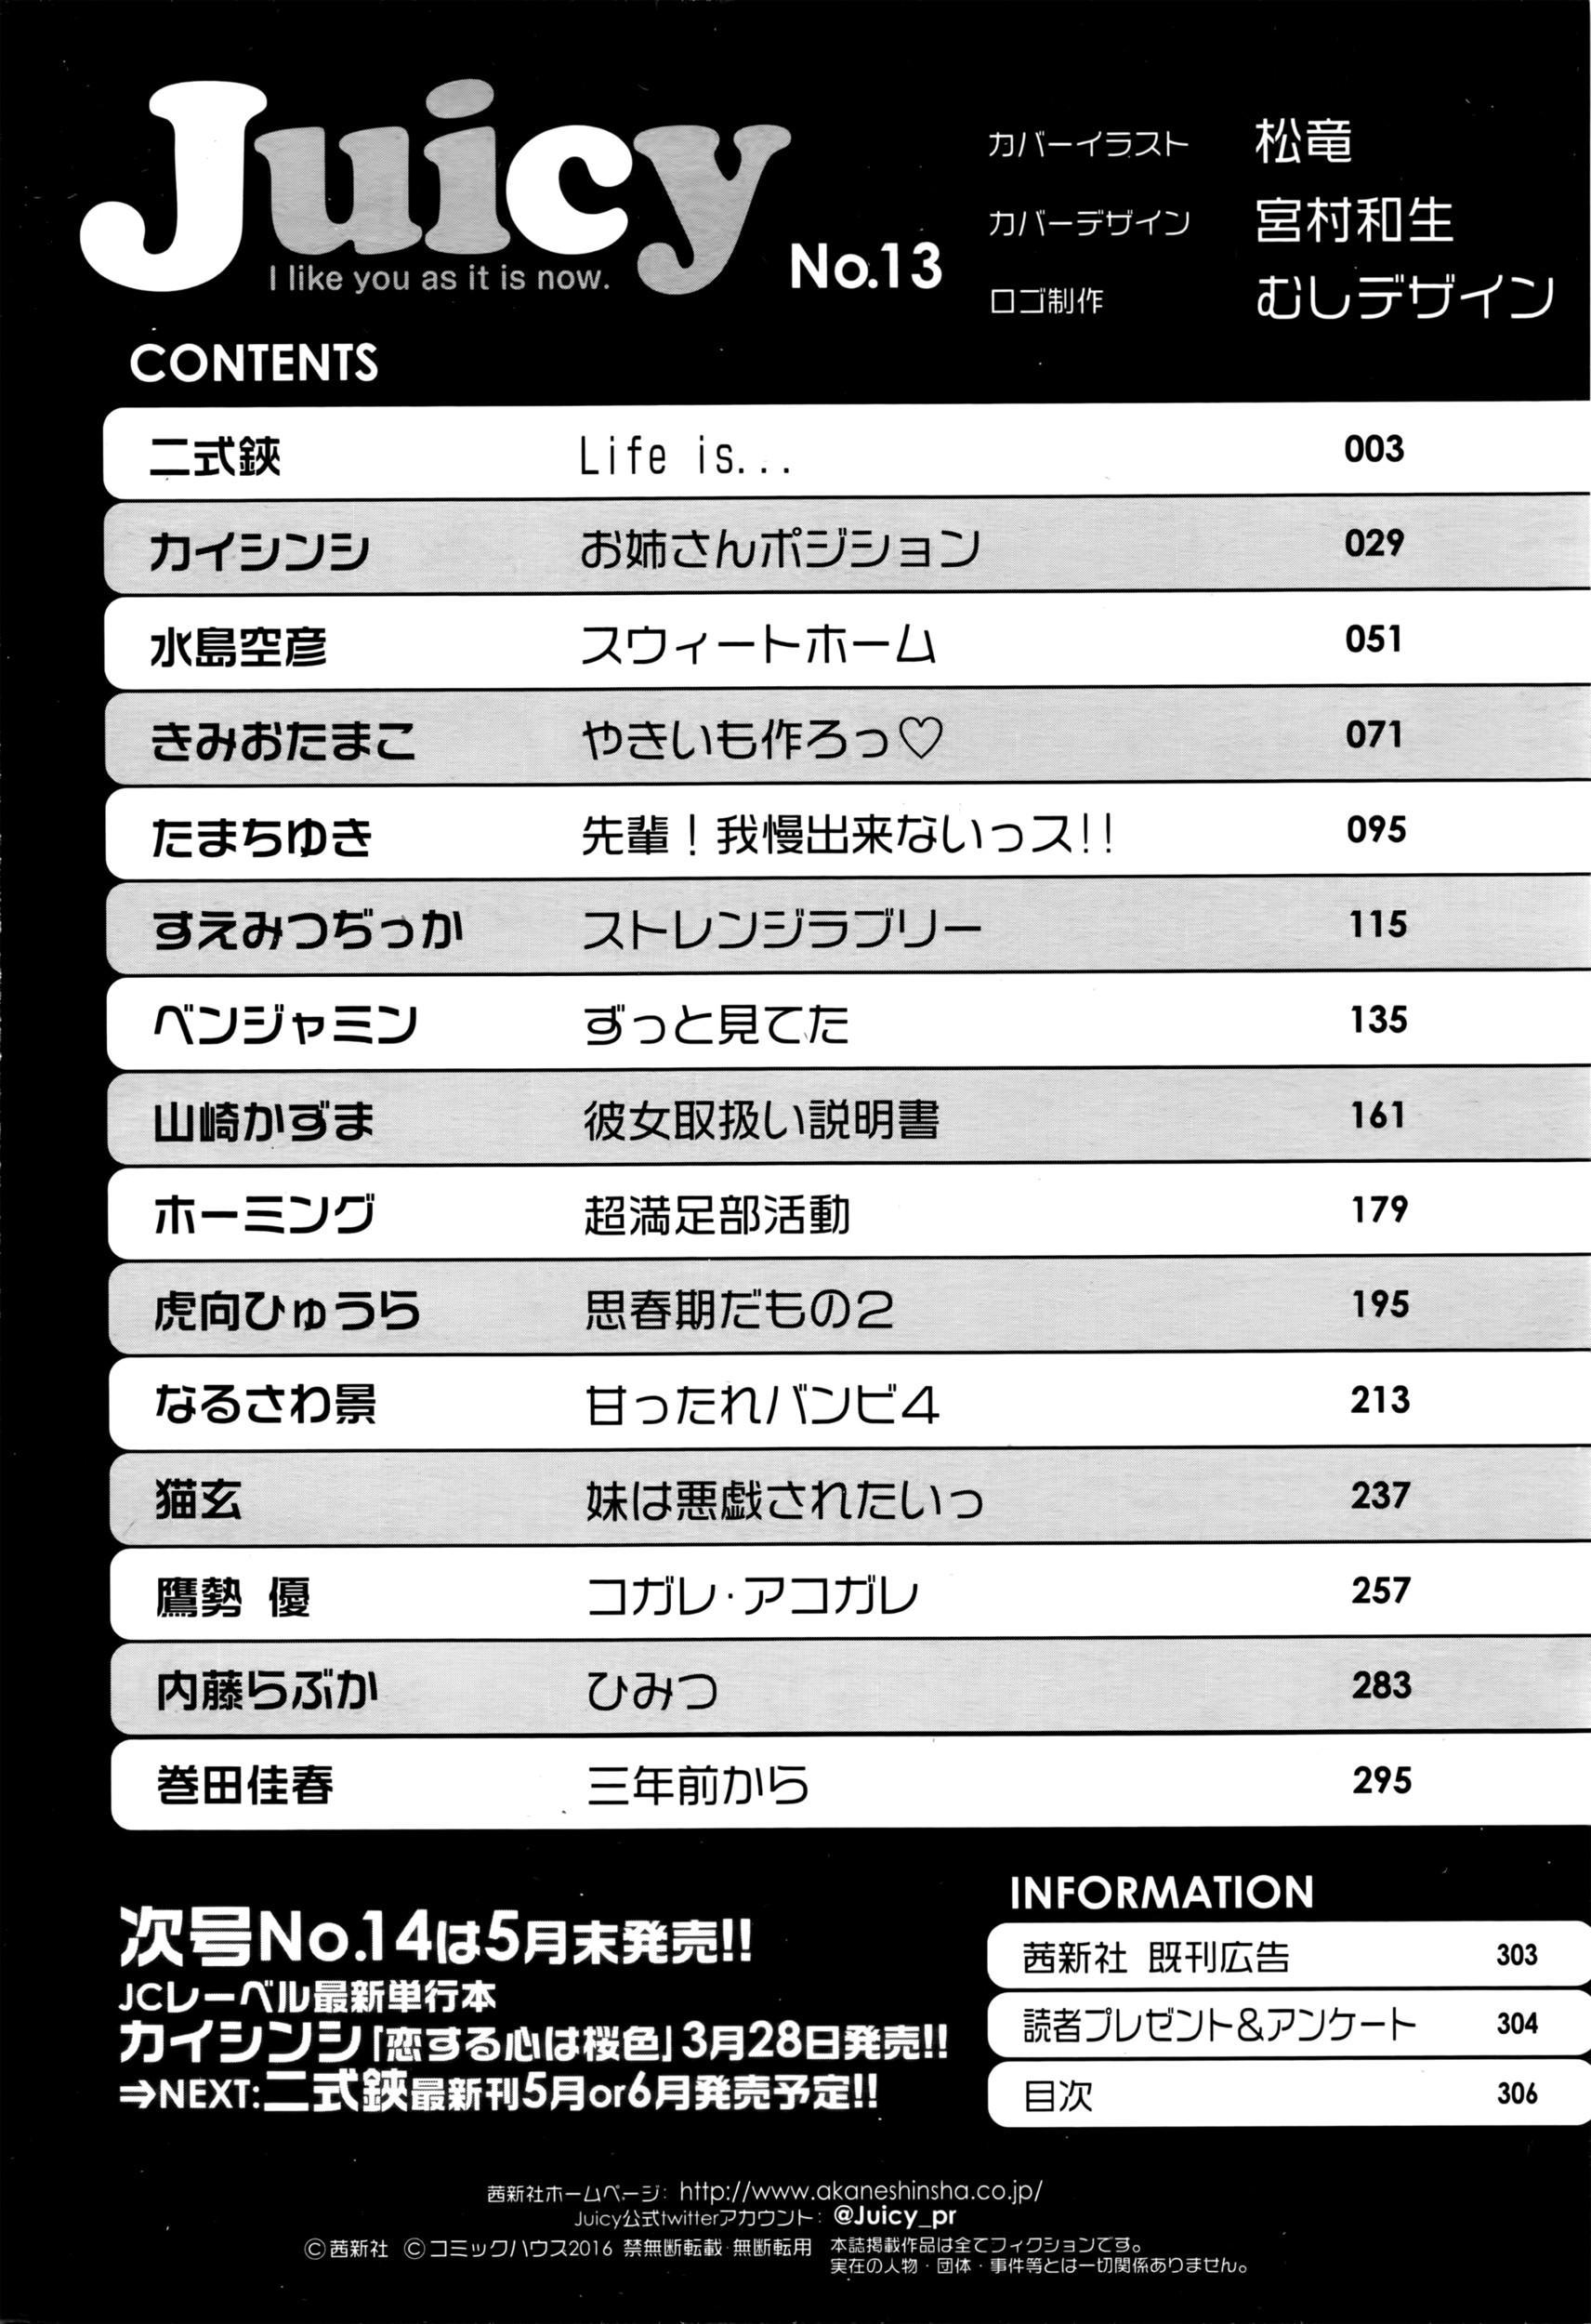 Juicy No. 13 2016-04 306